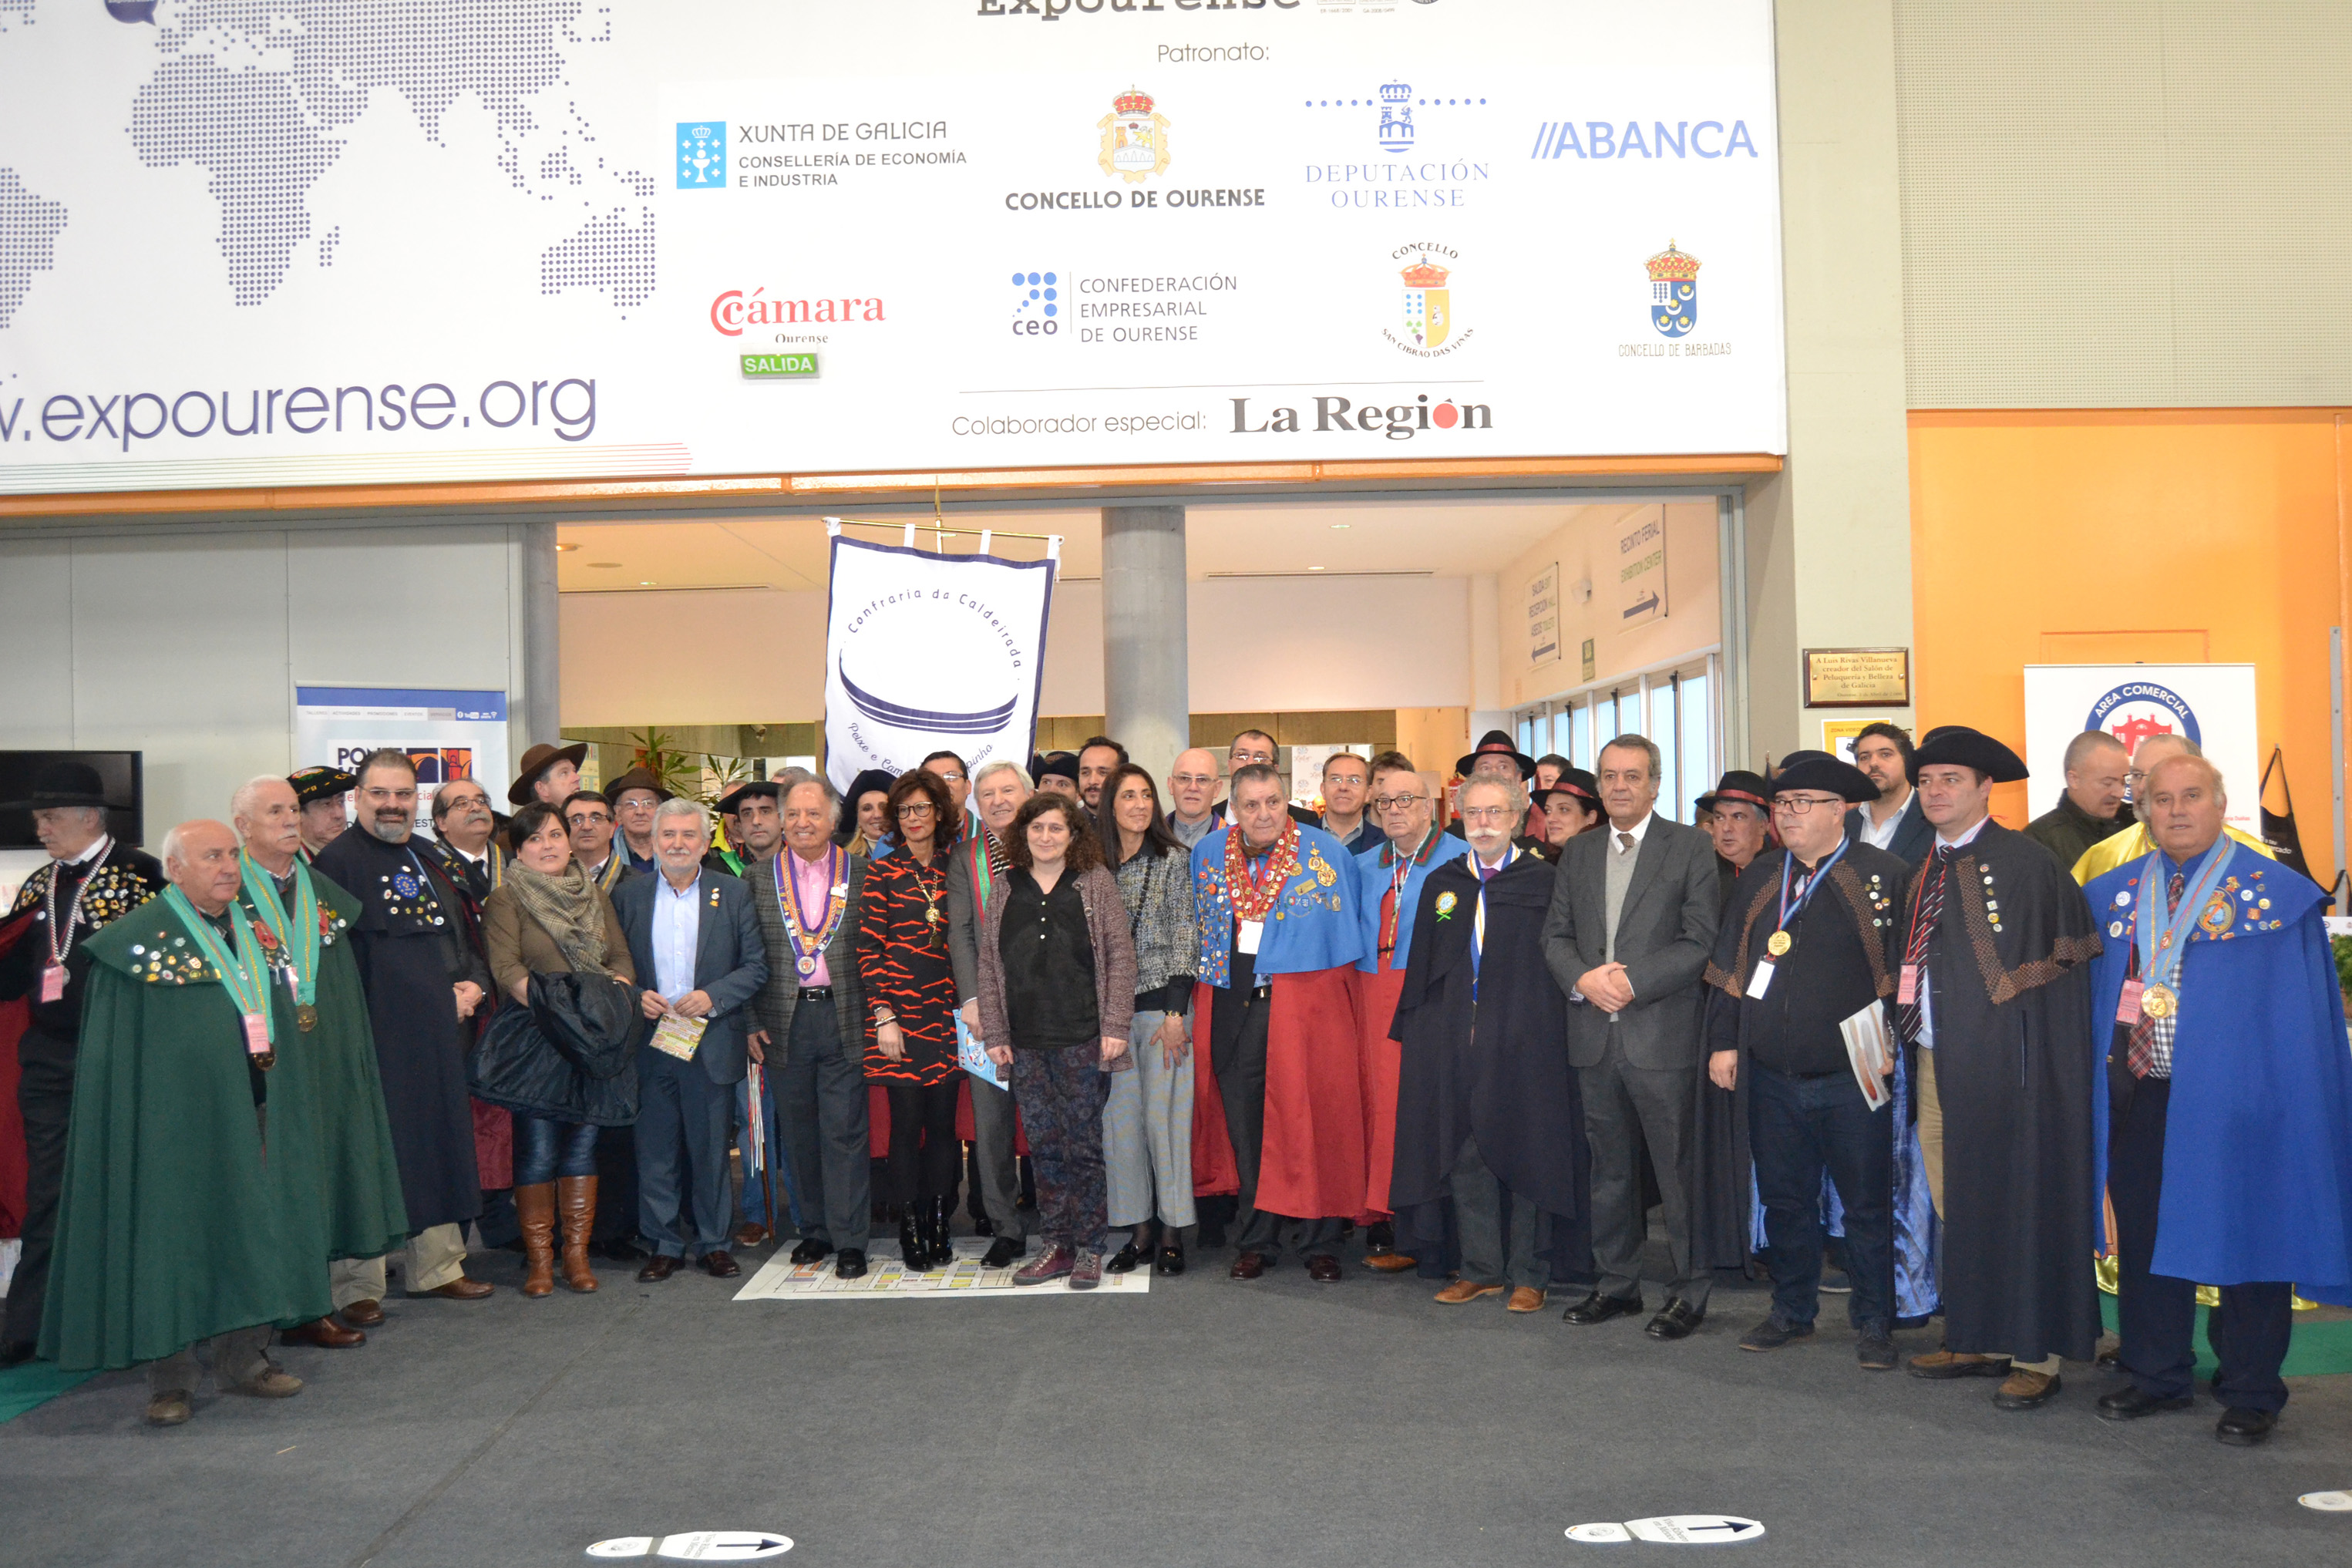 Más de 40 cofradías se dieron cita en Xantar en su 12ª Encuentro Internacional